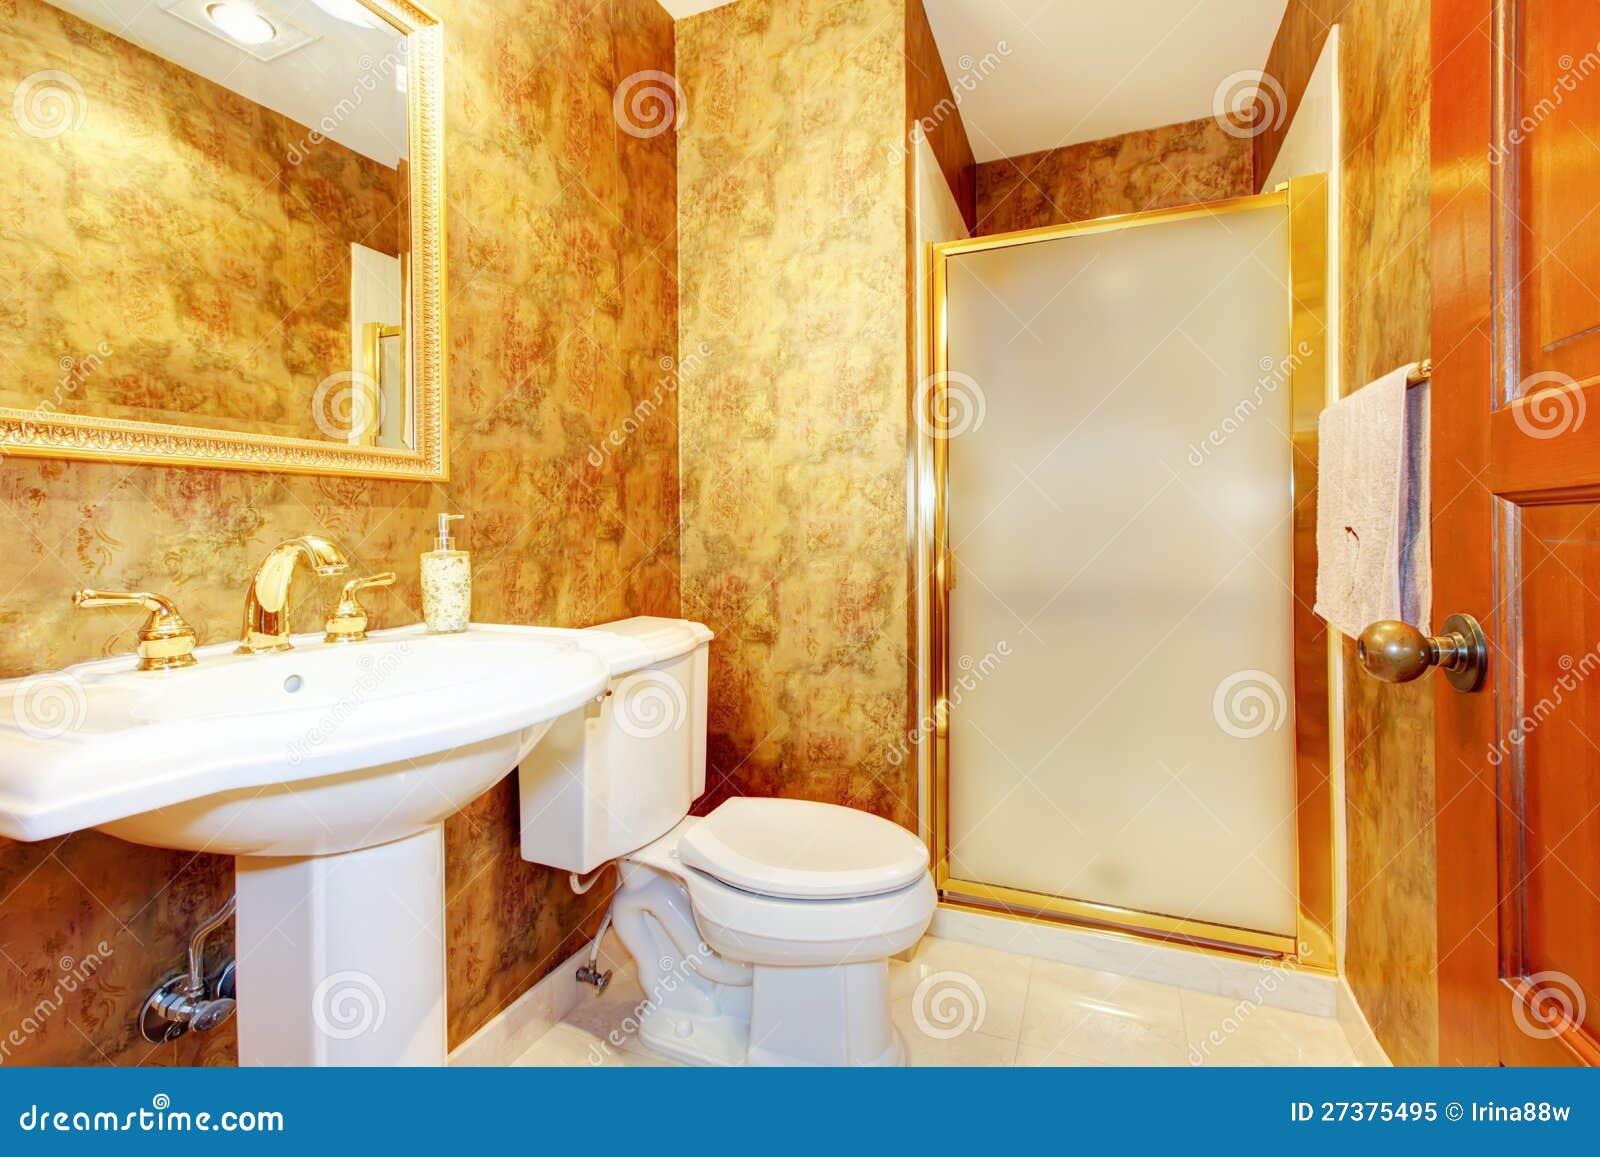 Banheiro Antigo Dourado Com Branco Foto de Stock Royalty Free Imagem  #C04808 1300x957 Acessorios Para Banheiro Dourado